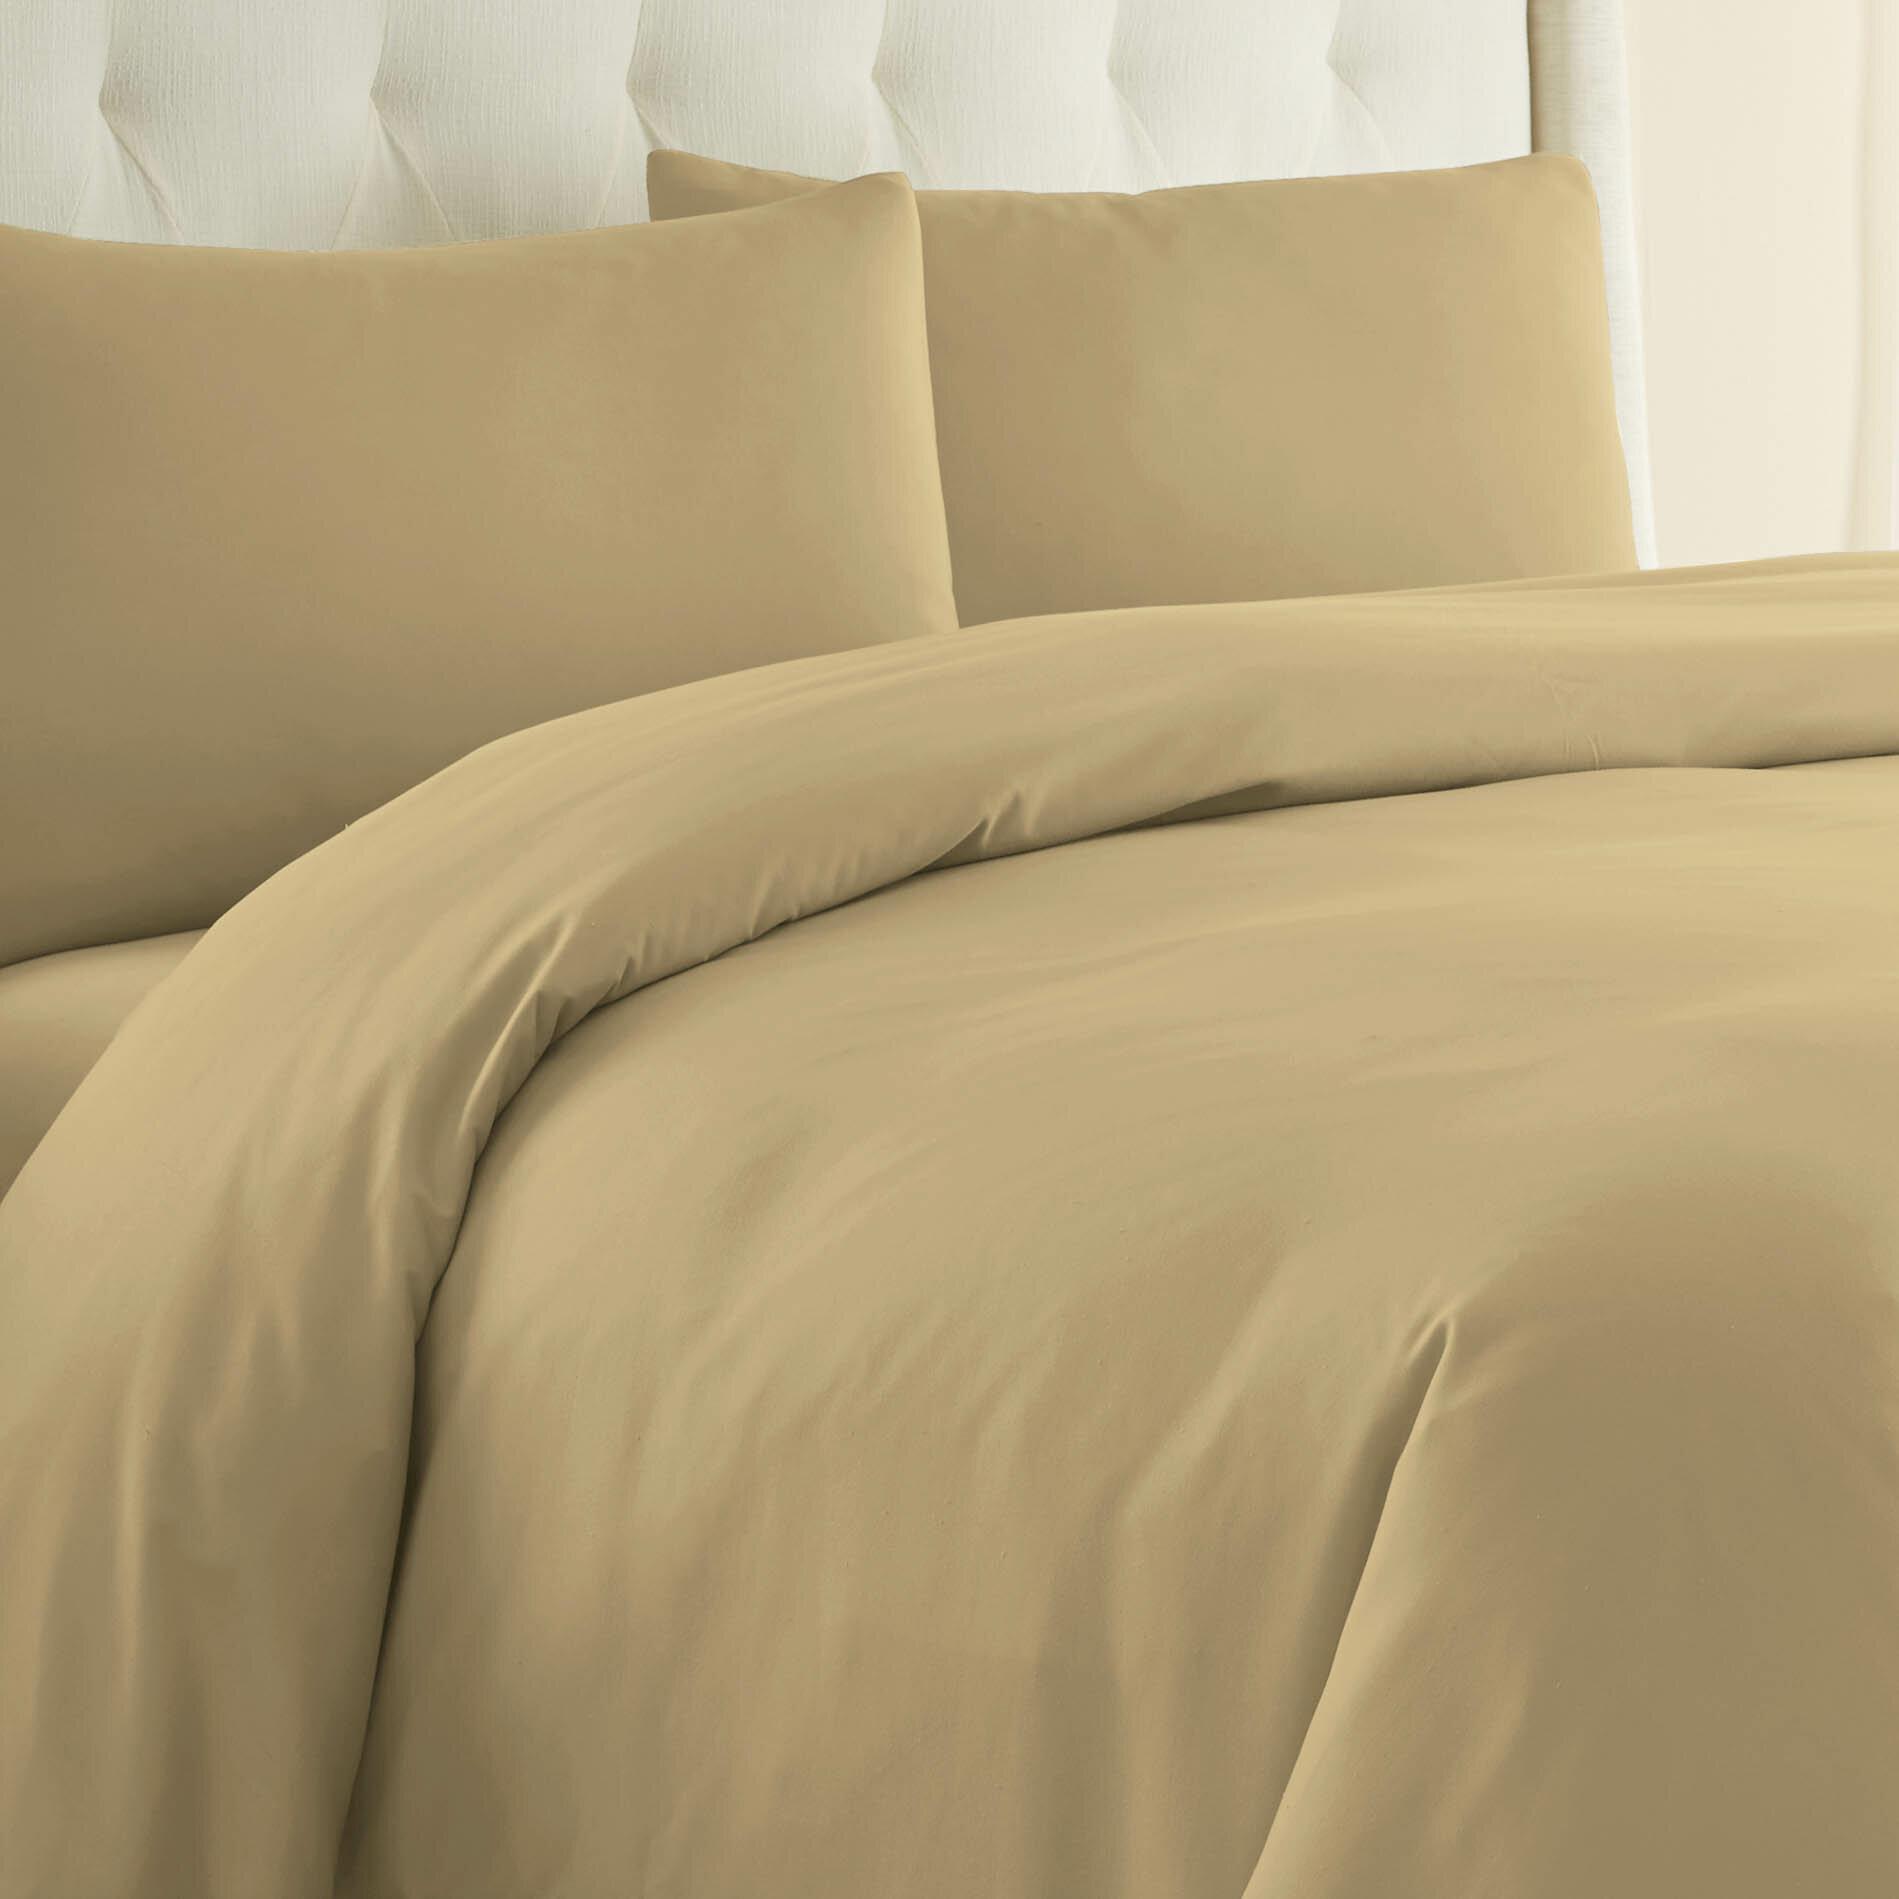 Aulaygo 3D Baseball Print Duvet Cover Set Bedroom Bedding Cover King Size Lightweight Microfiber Soft Breathable Modern Comforter Quilt Cover Bedding Decor for Kids Men Women 1 Cover 2 Pillowcase